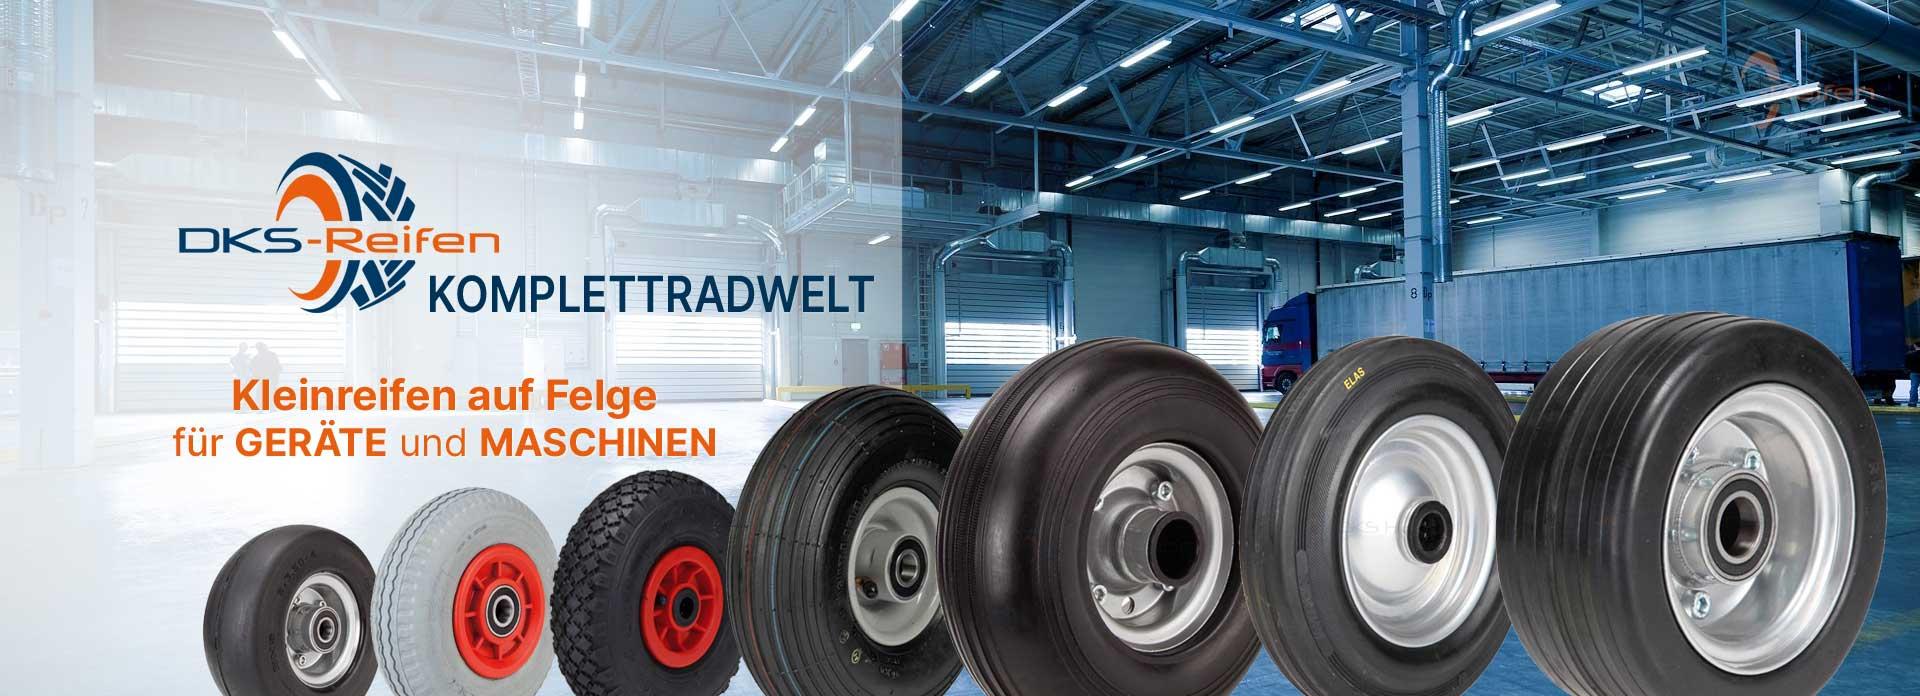 DKS Reifen Online Fachhandel   Kompletträder für Geräte und Maschinen